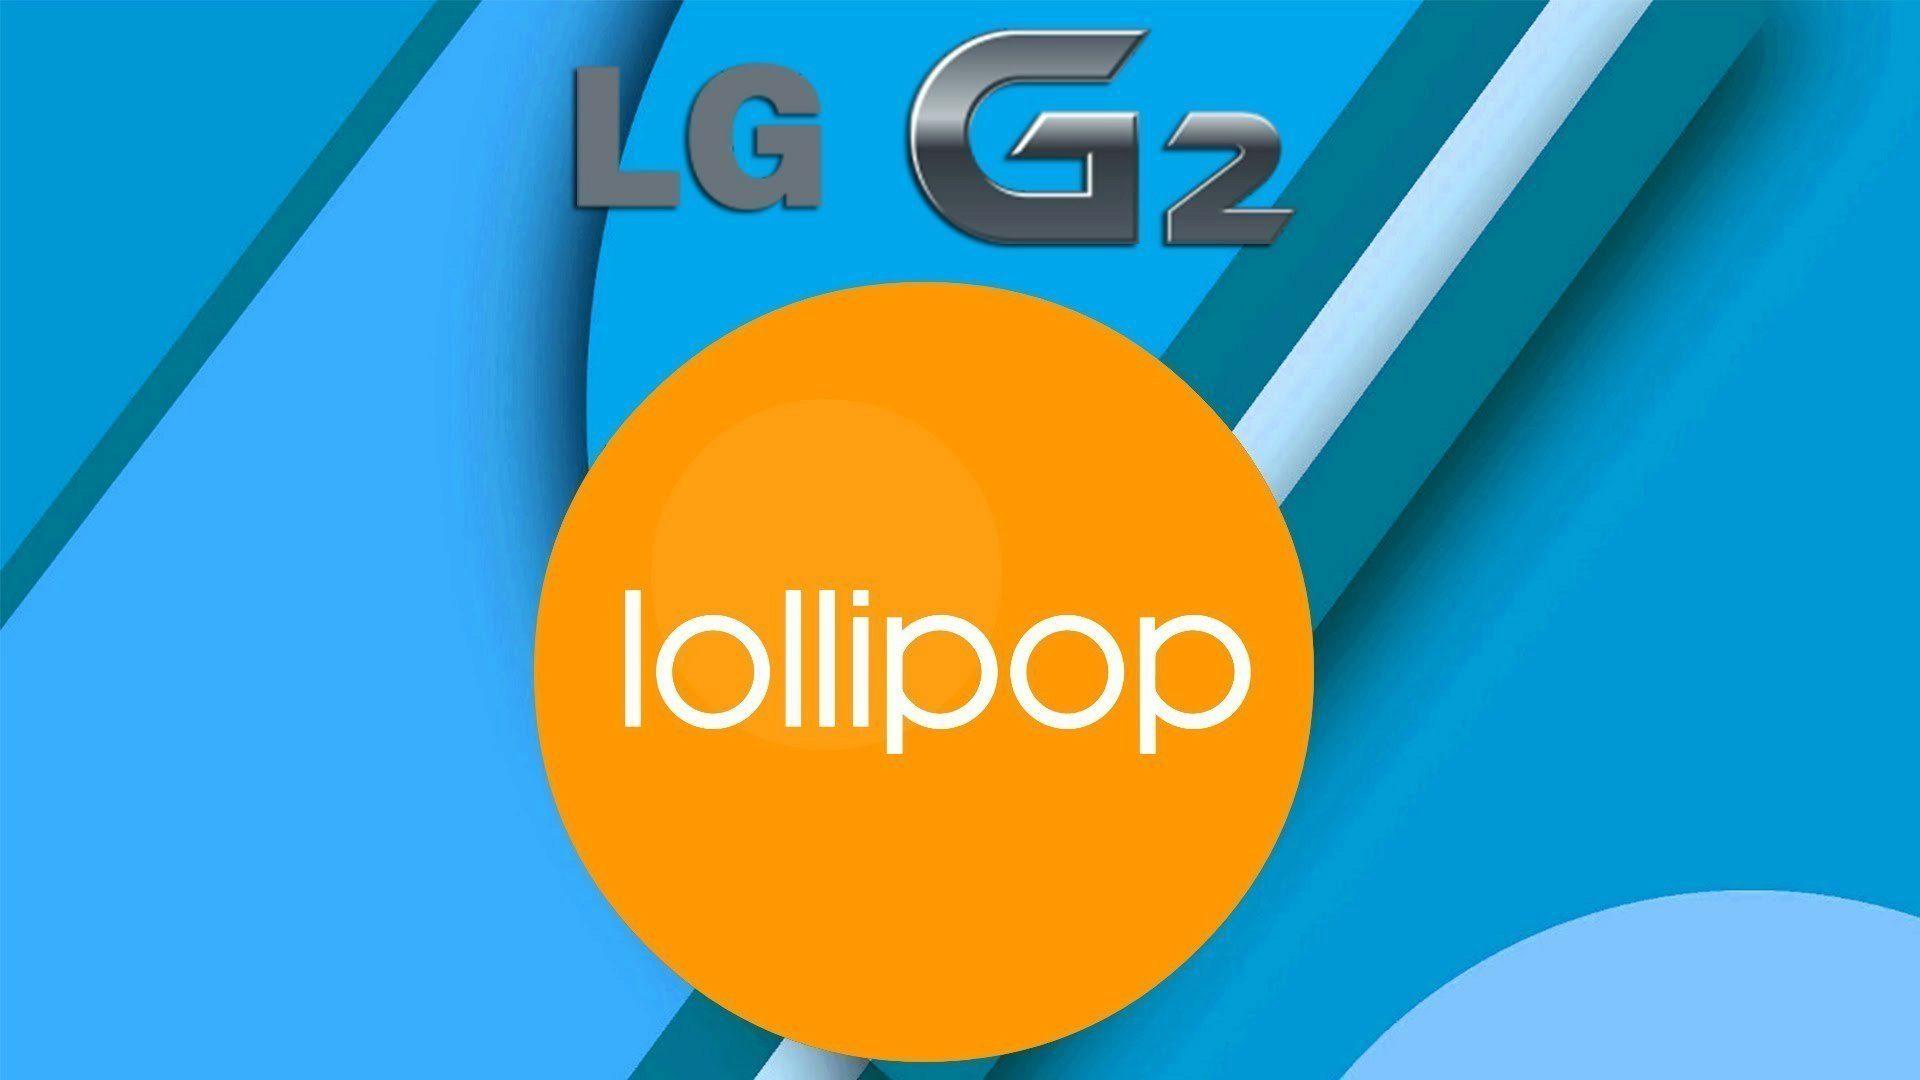 lg g2 lollipop hlavni